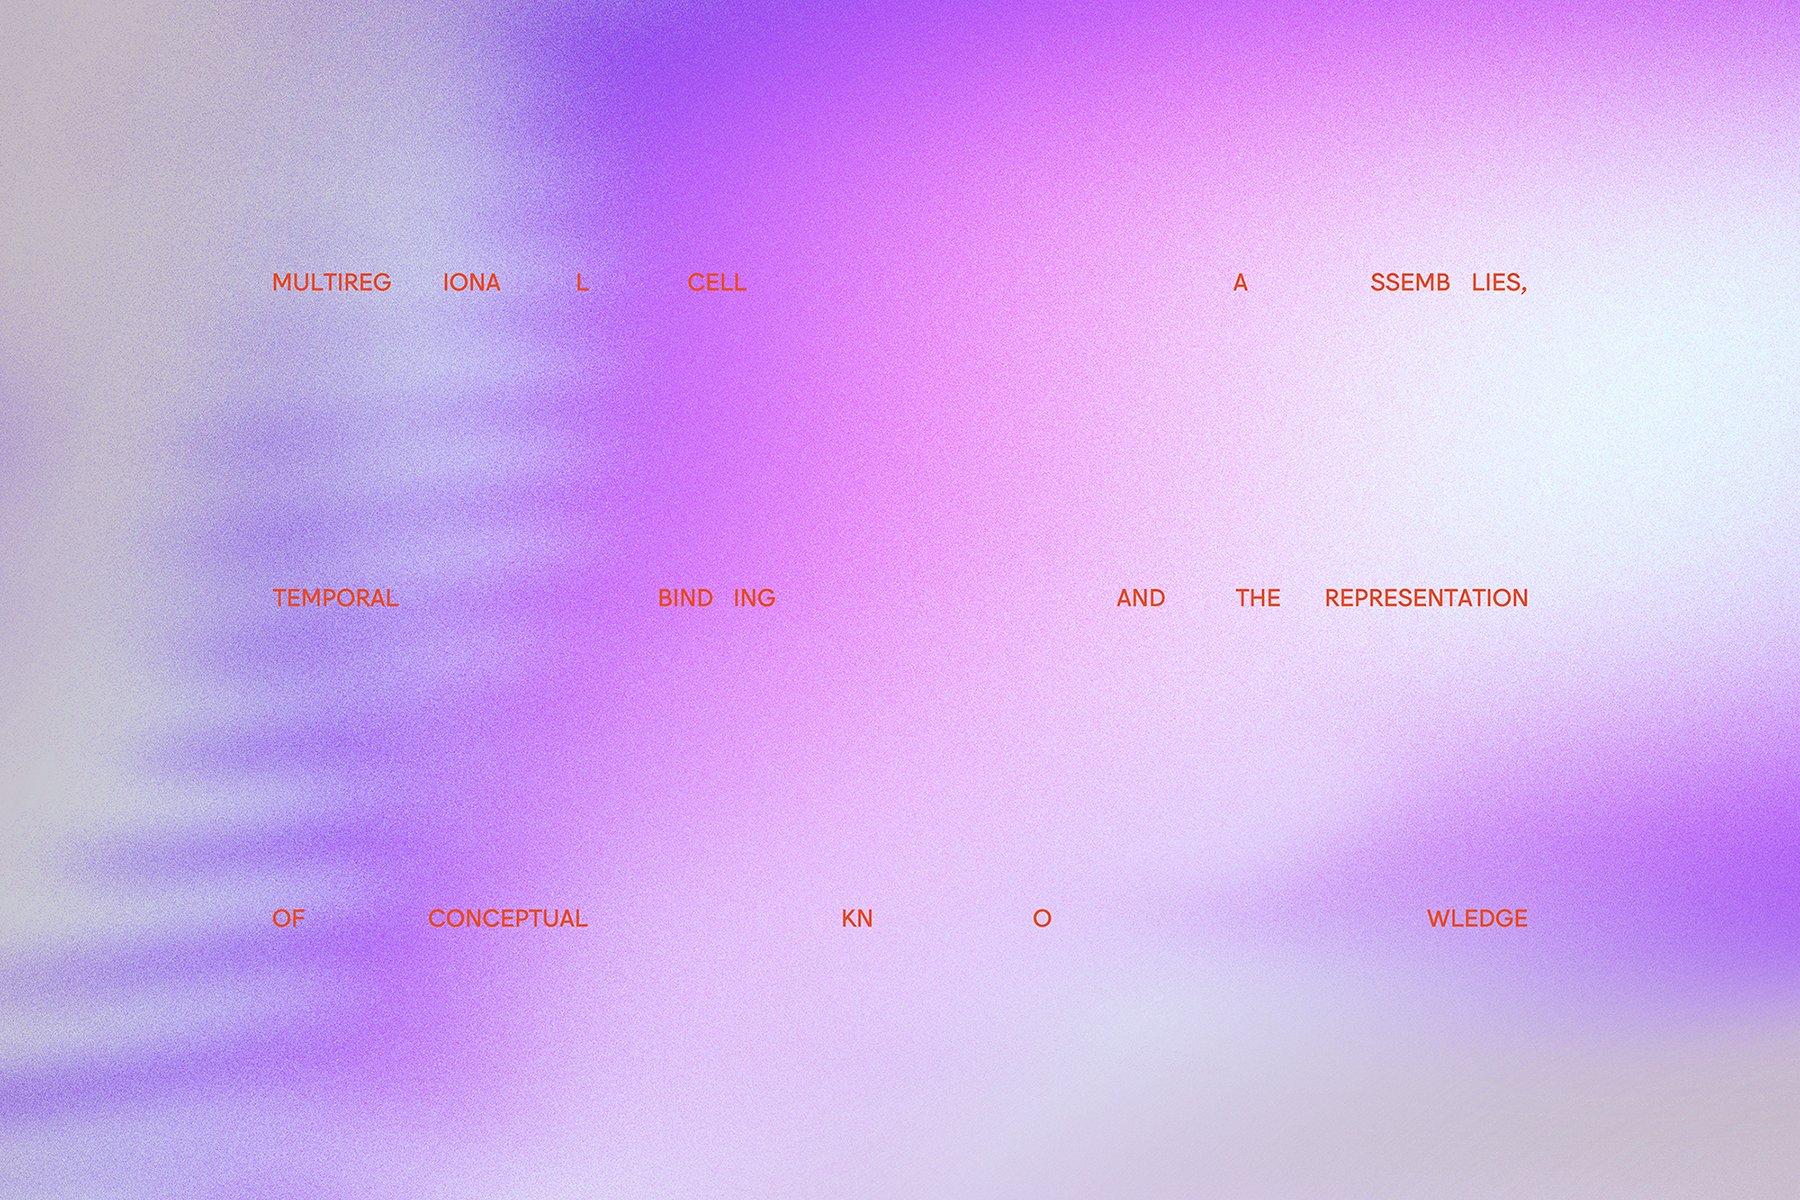 14款高清炫彩抽象艺术动感模糊渐变海报背景图片素材 Clear Supply – Temporal Two插图5